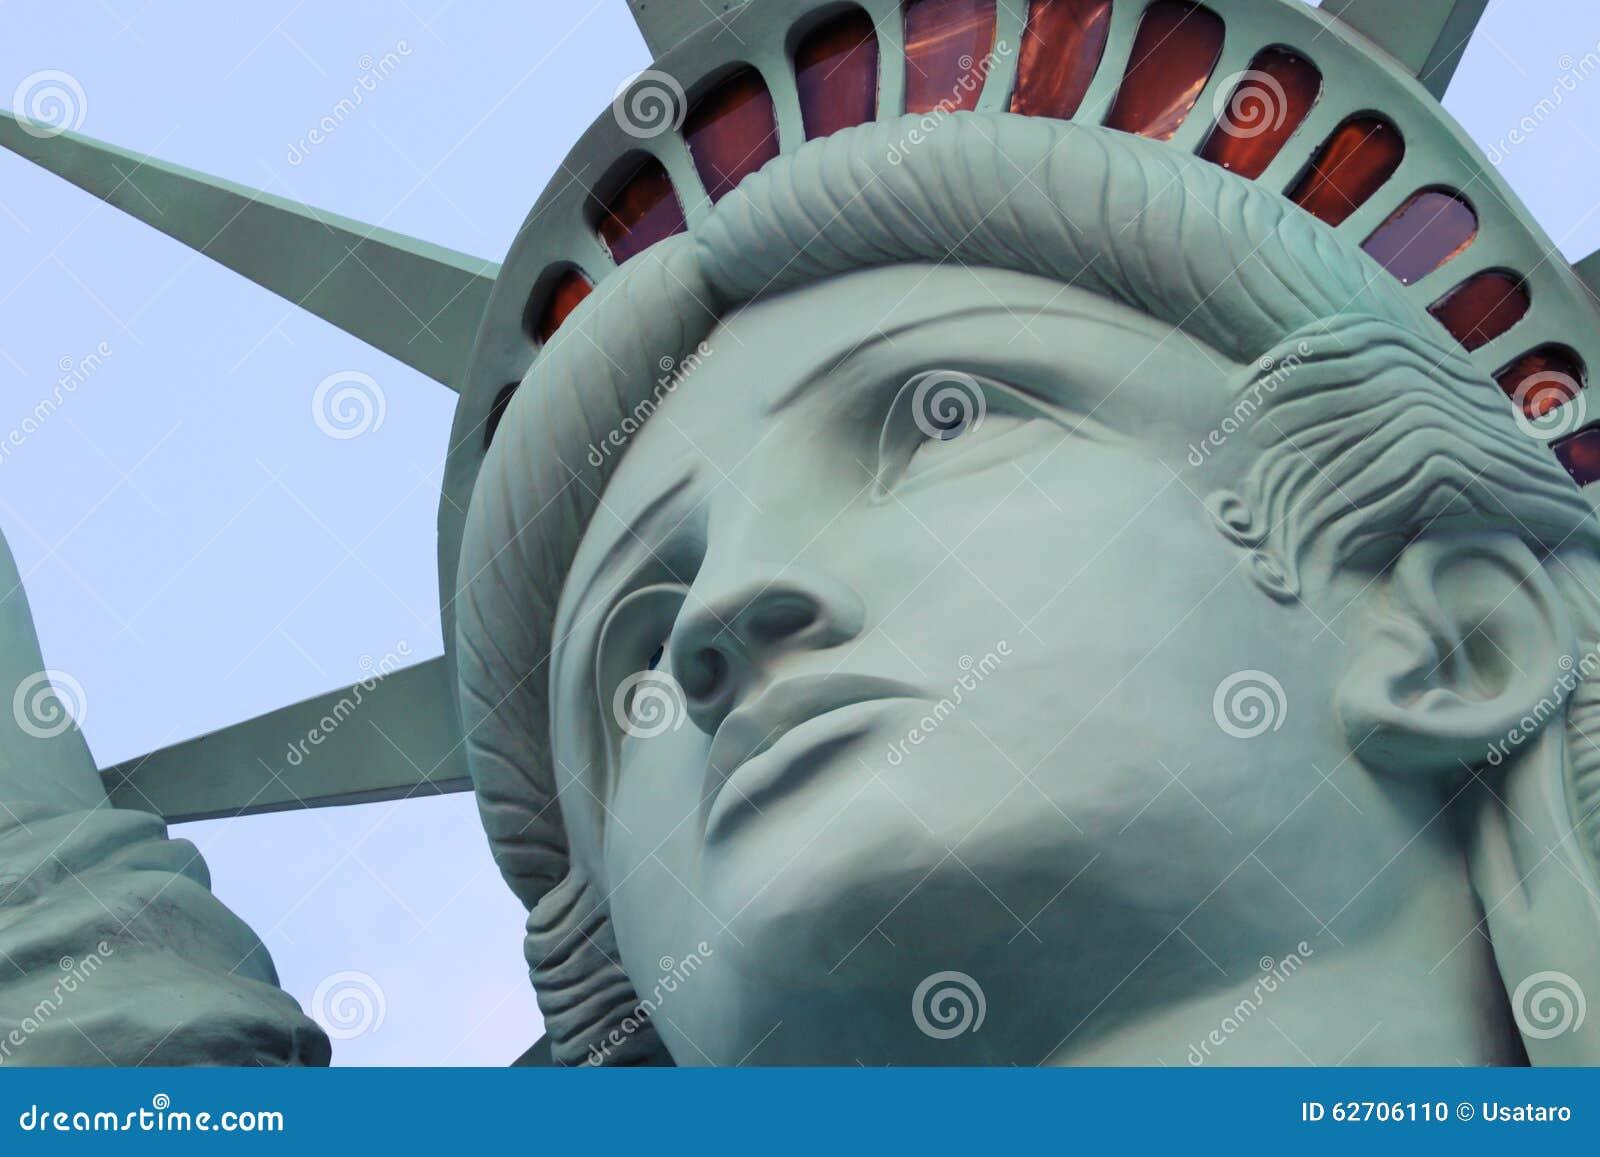 Άγαλμα της ελευθερίας, Αμερική, αμερικανικό σύμβολο, Ηνωμένες Πολιτείες, Νέα Υόρκη, LasVegas, Γκουάμ, Παρίσι